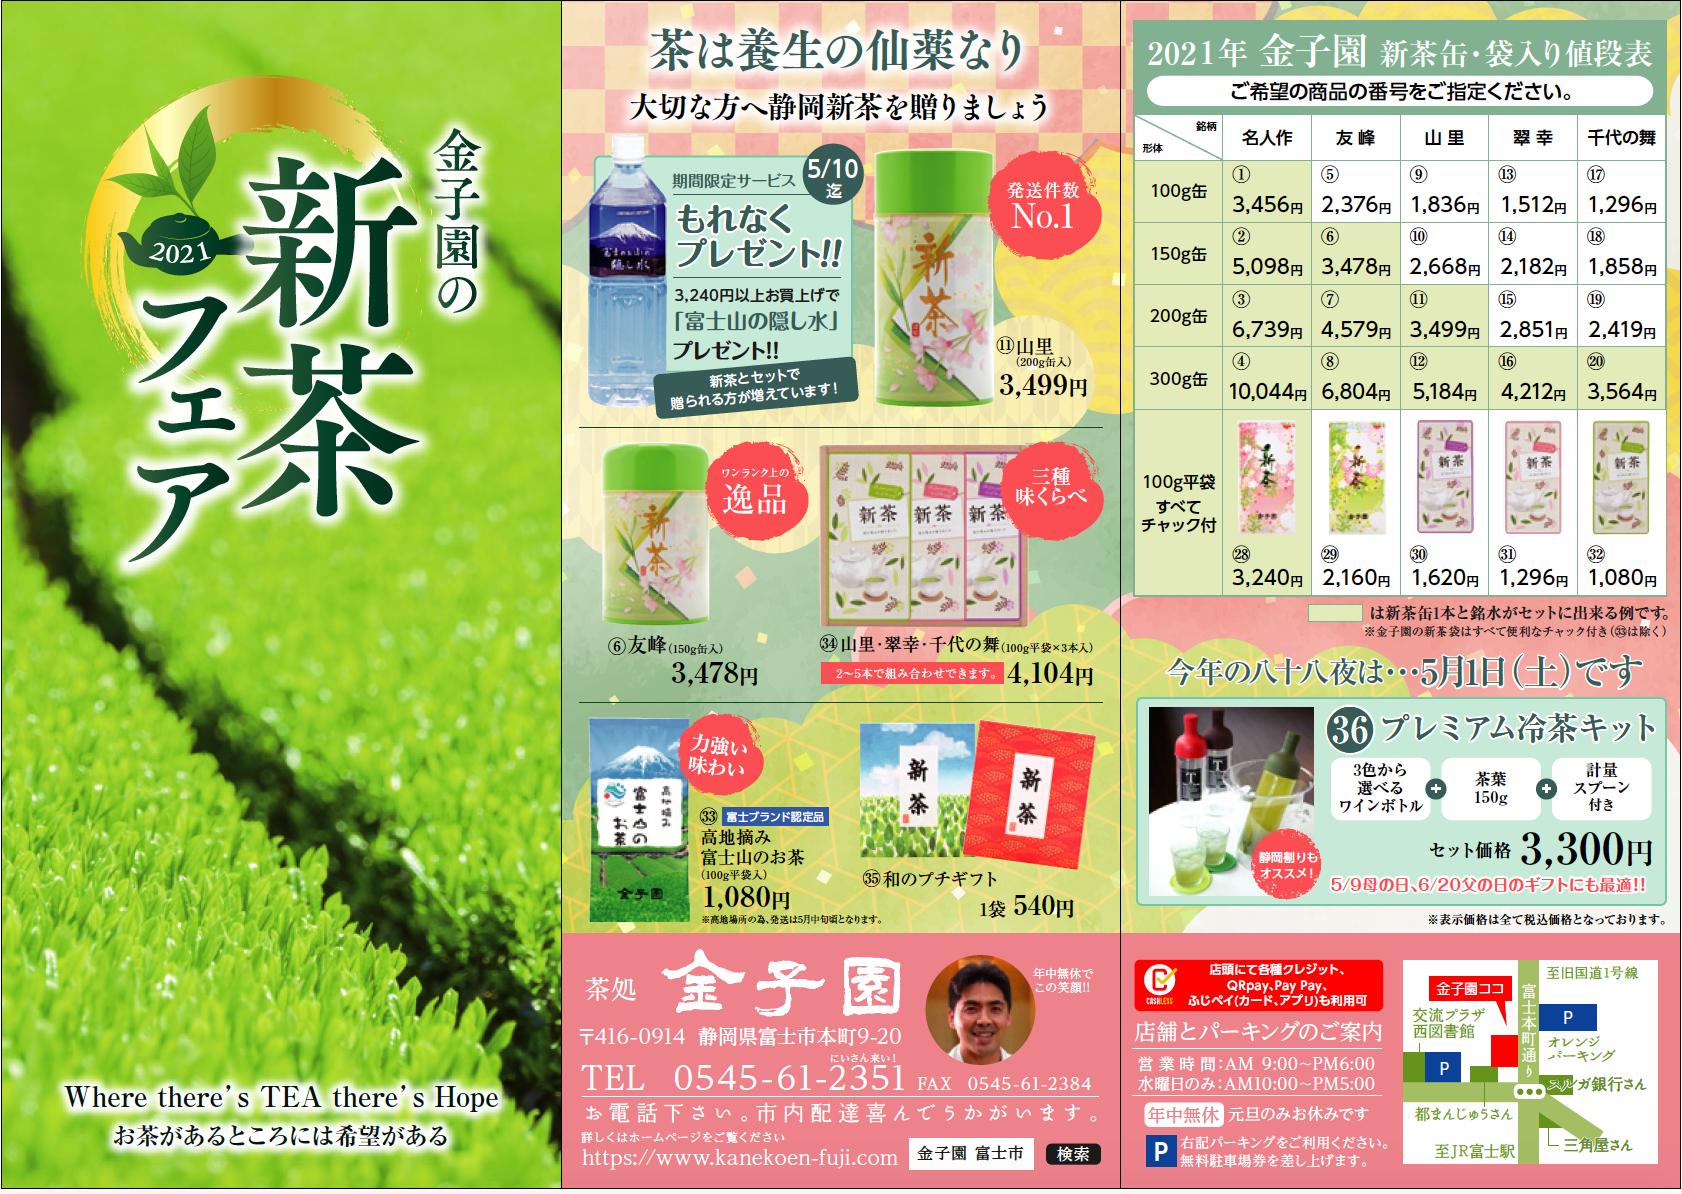 【2021新茶】茶は養生の仙薬なり〜大切な方へ静岡新茶を贈りましょう〜